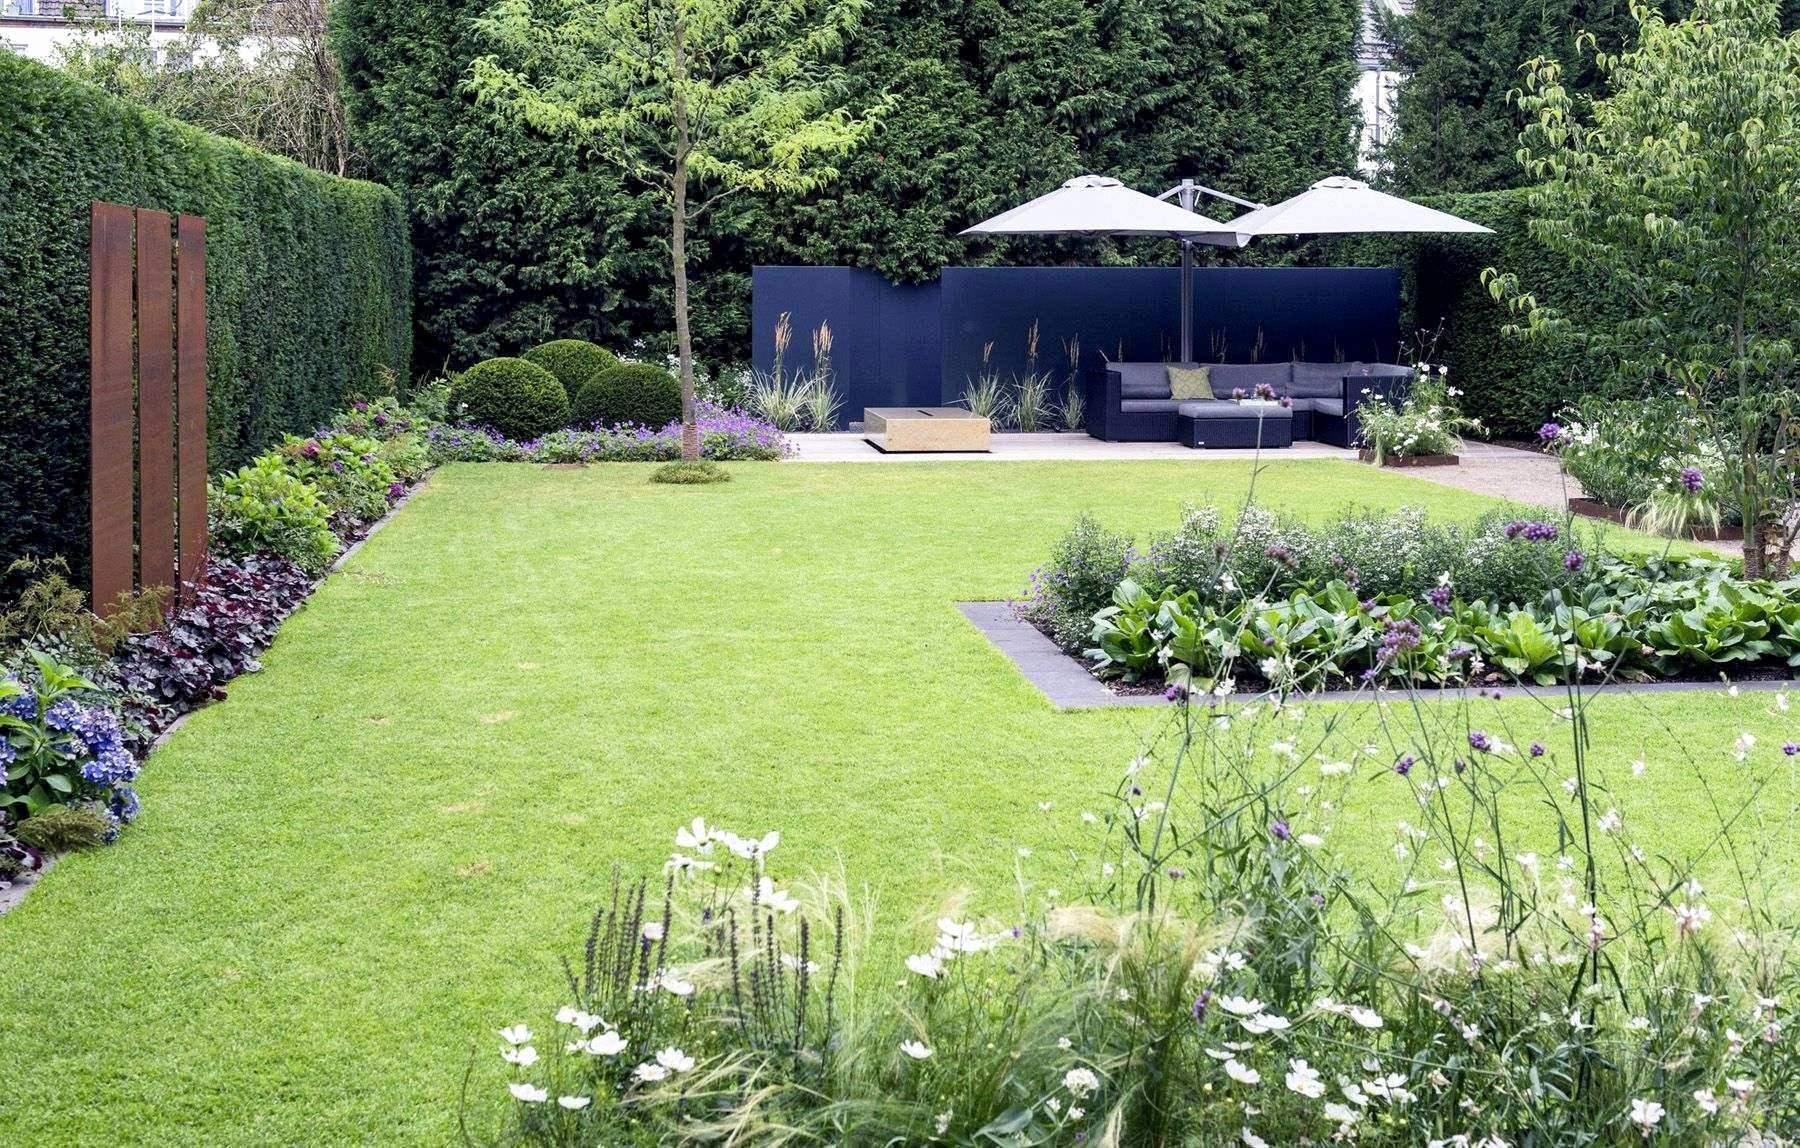 Ideen Für Gartengestaltung Frisch 25 Reizend Gartengestaltung Für Kleine Gärten Genial